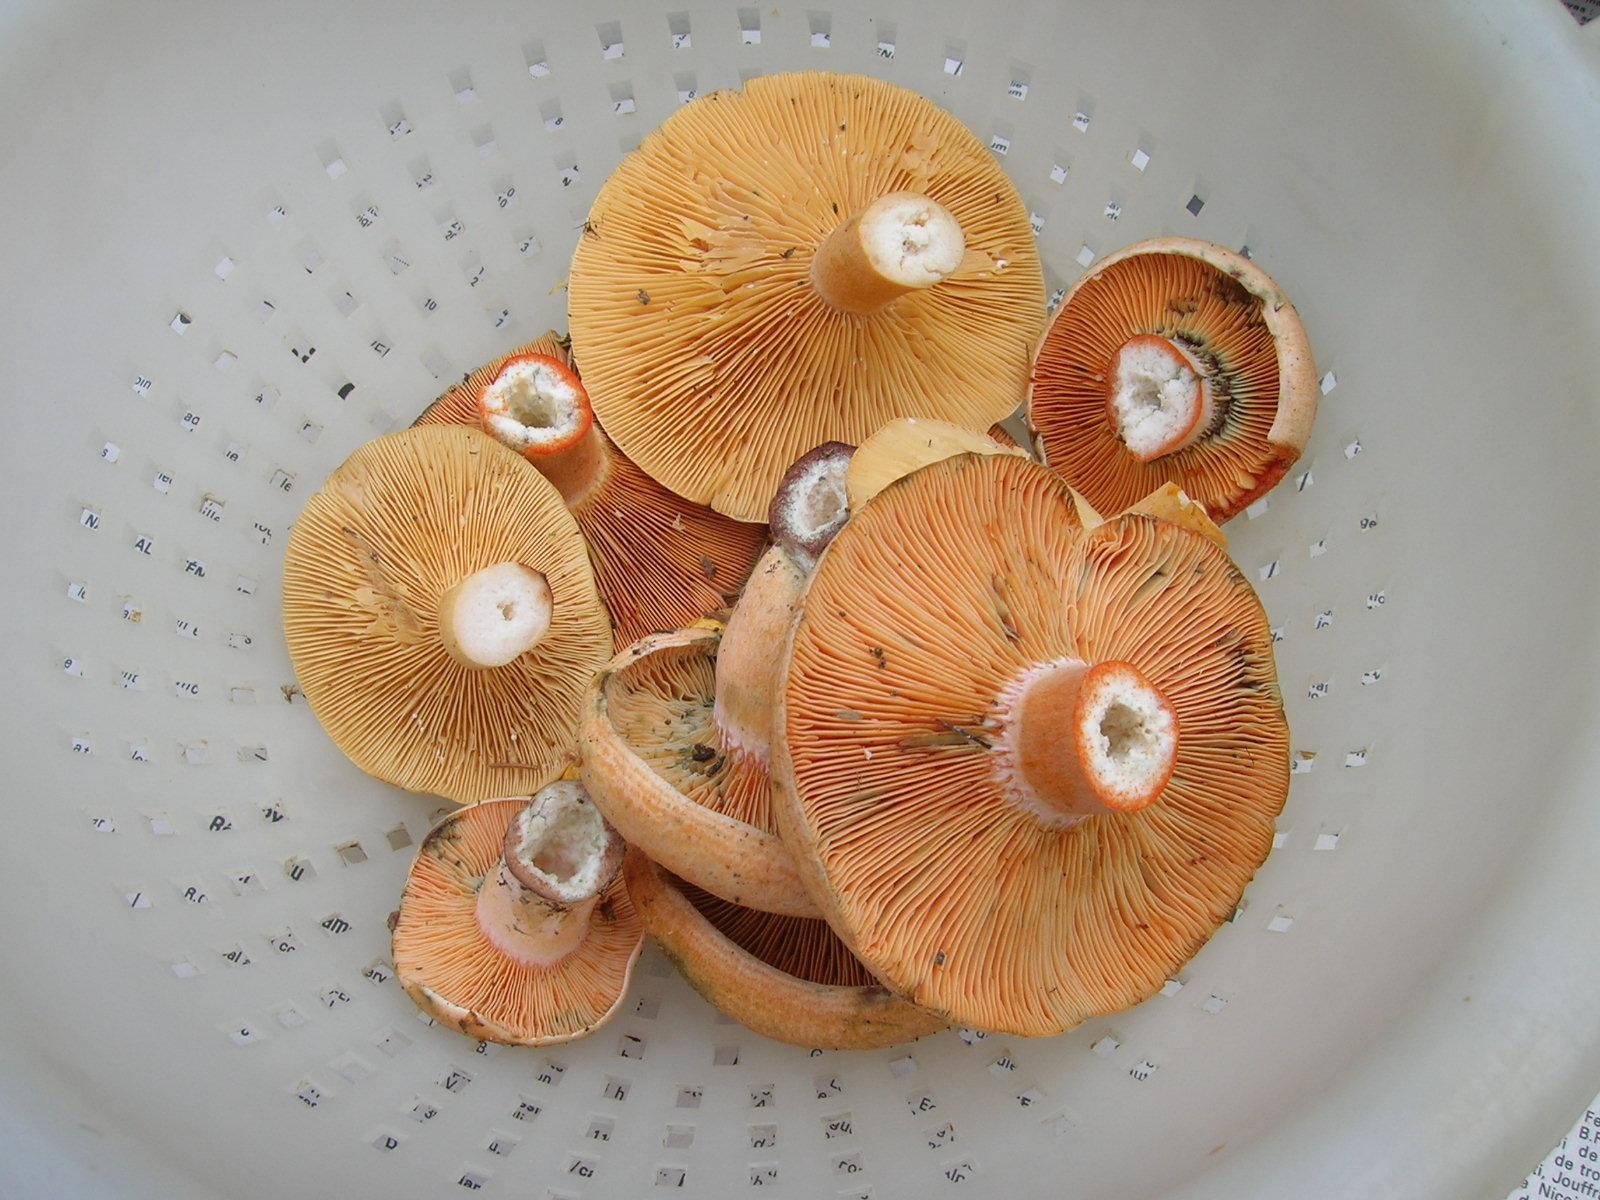 Champignons : récolte de lactaires délicieux - lactarius deliciosus